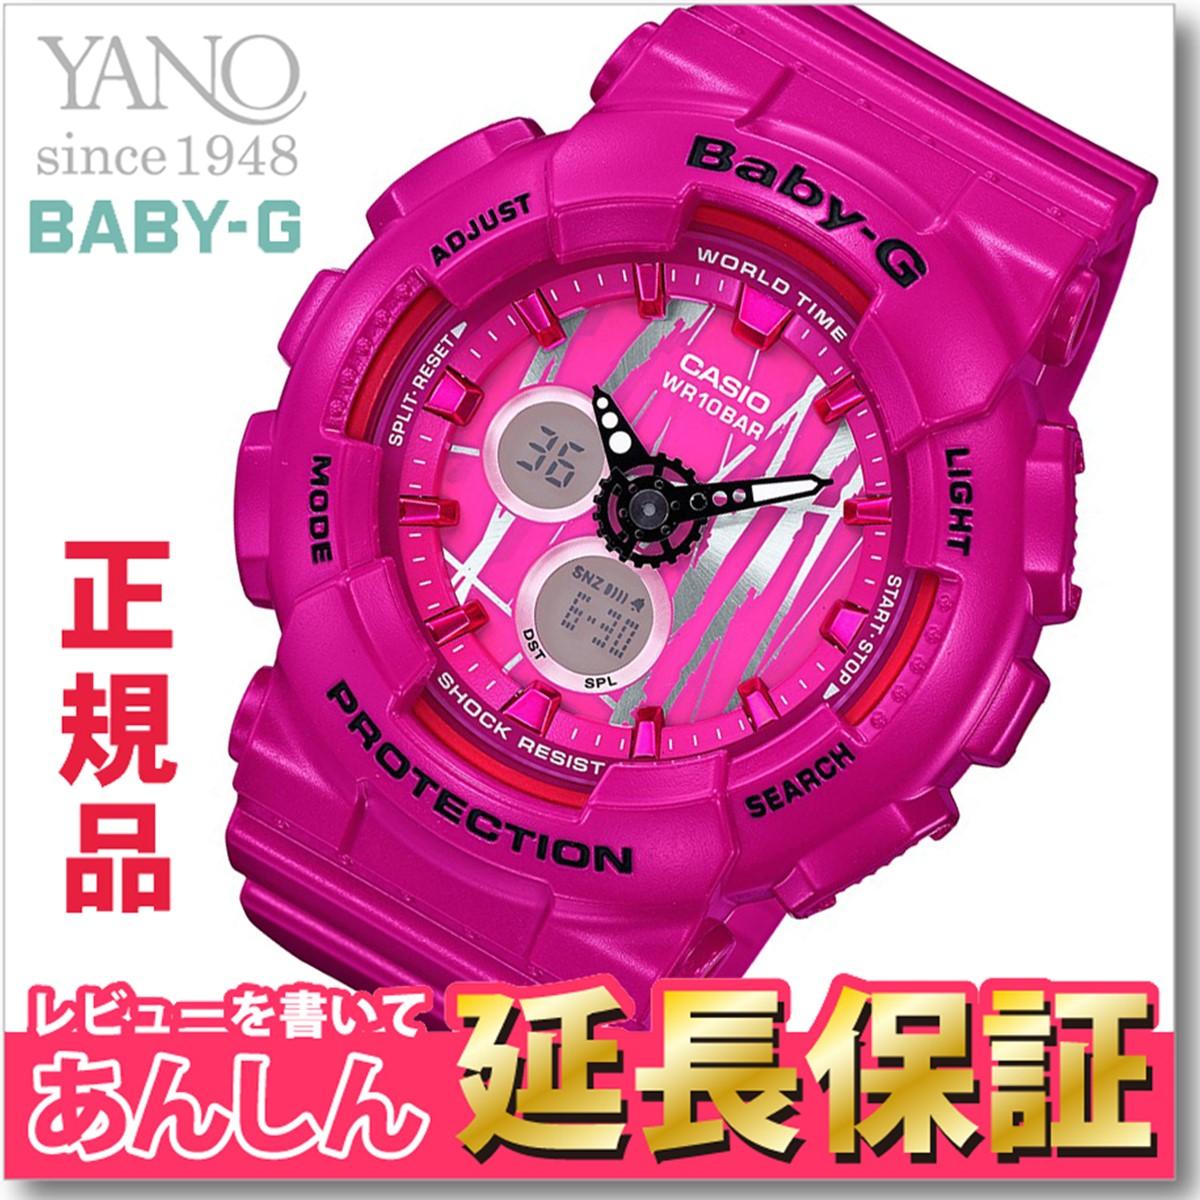 カシオ ベビーG BA-120SP-4AJF レディース 腕時計 デジアナ CASIO BABY-G 【正規品】【1116】【店頭受取対応商品】